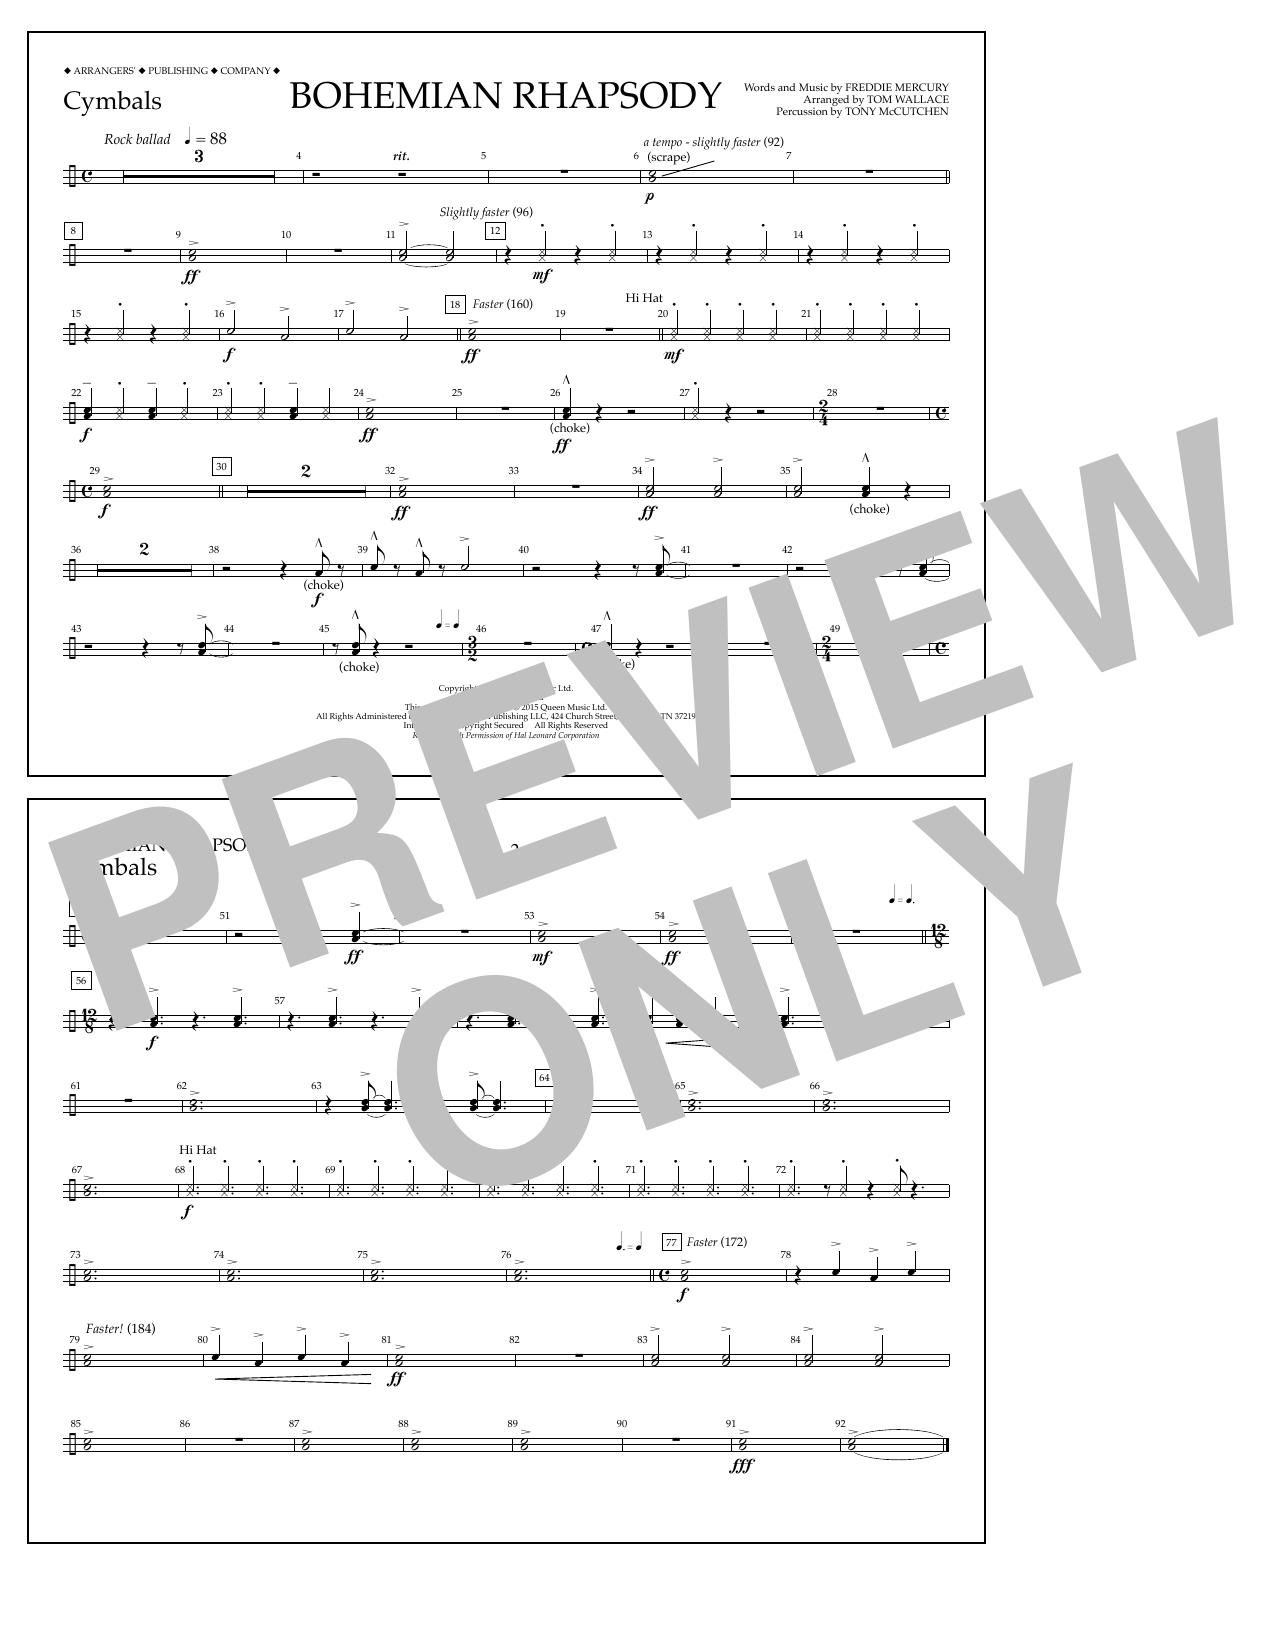 Bohemian Rhapsody - Cymbals Sheet Music